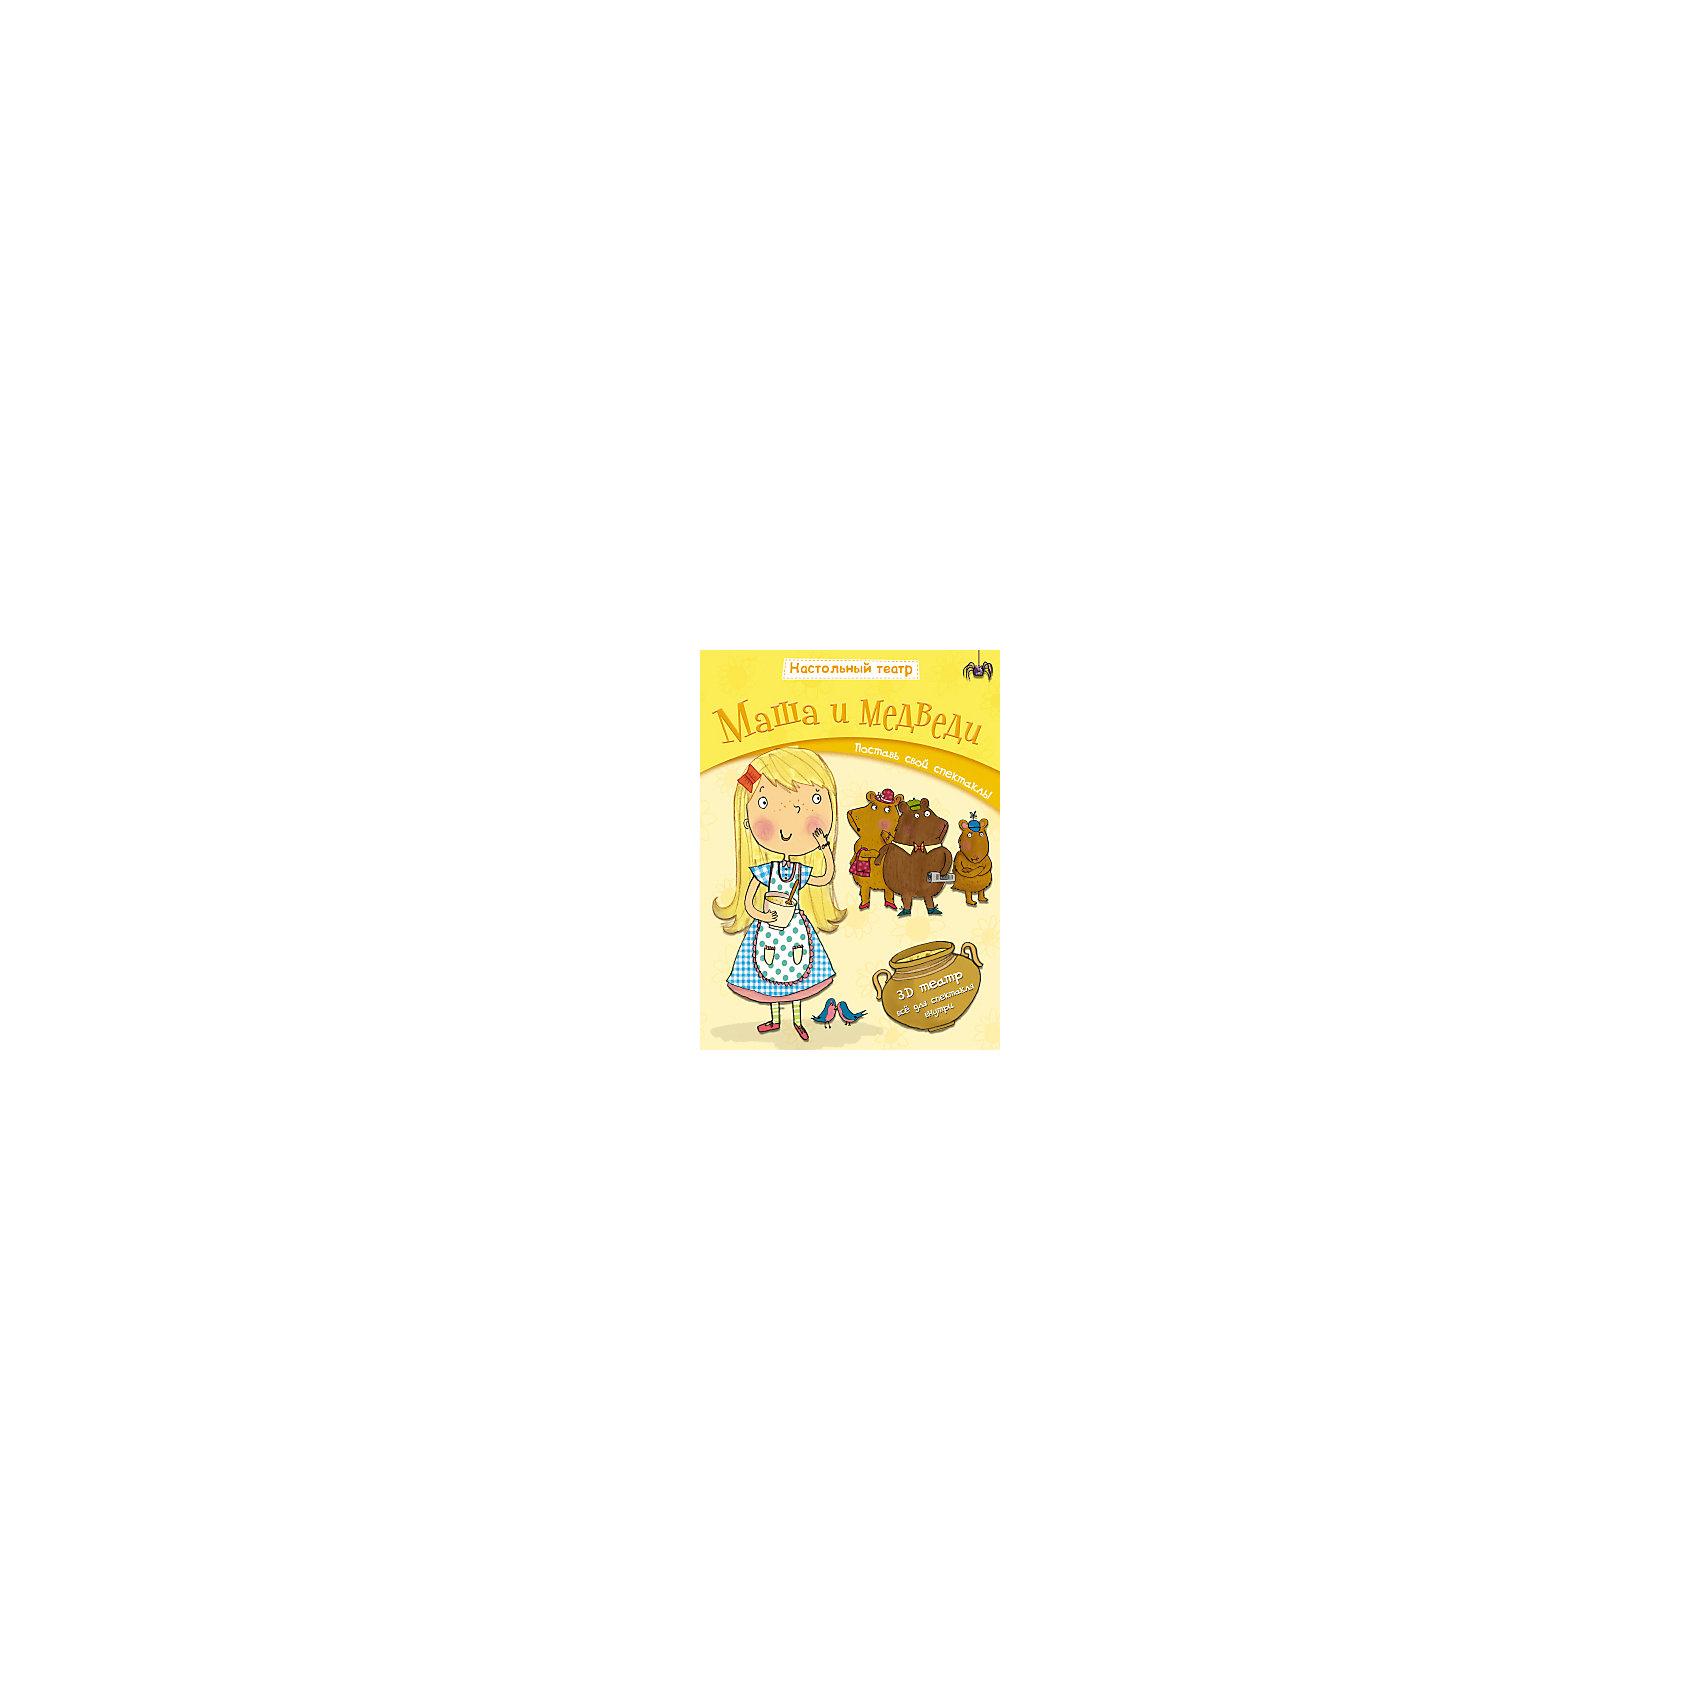 Настольный театр Маша и медведиКнижки-панорамки<br>Настольный театр Маша и медведи<br><br>Характеристики:<br>• настоящее театральное представление, не выходя из дома<br>• текстовые карточки <br>• подробная инструкция<br>• в комплекте: персонажи, реквизит, декорации, карточки с текстом, входные билеты<br>• серия: Настольный театр<br>• ISBN: 978-5-43150-539-3<br>• размер упаковки: 28х21х0,5 см<br>• вес: 204 грамма<br><br>Настольный театр Маша и медведи позволит ребёнку устроить настоящее представление по мотивам сказки. Для этого нужно достать фигурки главных героев и реквизит, установить декорации. В комплекте есть входные билеты, чтобы вы могли пригласить друзей на представление. Карточки с текстом помогут ребёнку не запутаться в сюжетной линии. Устройте настоящий 3D театр у себя дома!<br><br>Настольный театр Маша и медведи вы можете купить в нашем интернет-магазине.<br><br>Ширина мм: 5<br>Глубина мм: 210<br>Высота мм: 280<br>Вес г: 204<br>Возраст от месяцев: 36<br>Возраст до месяцев: 84<br>Пол: Унисекс<br>Возраст: Детский<br>SKU: 5362928